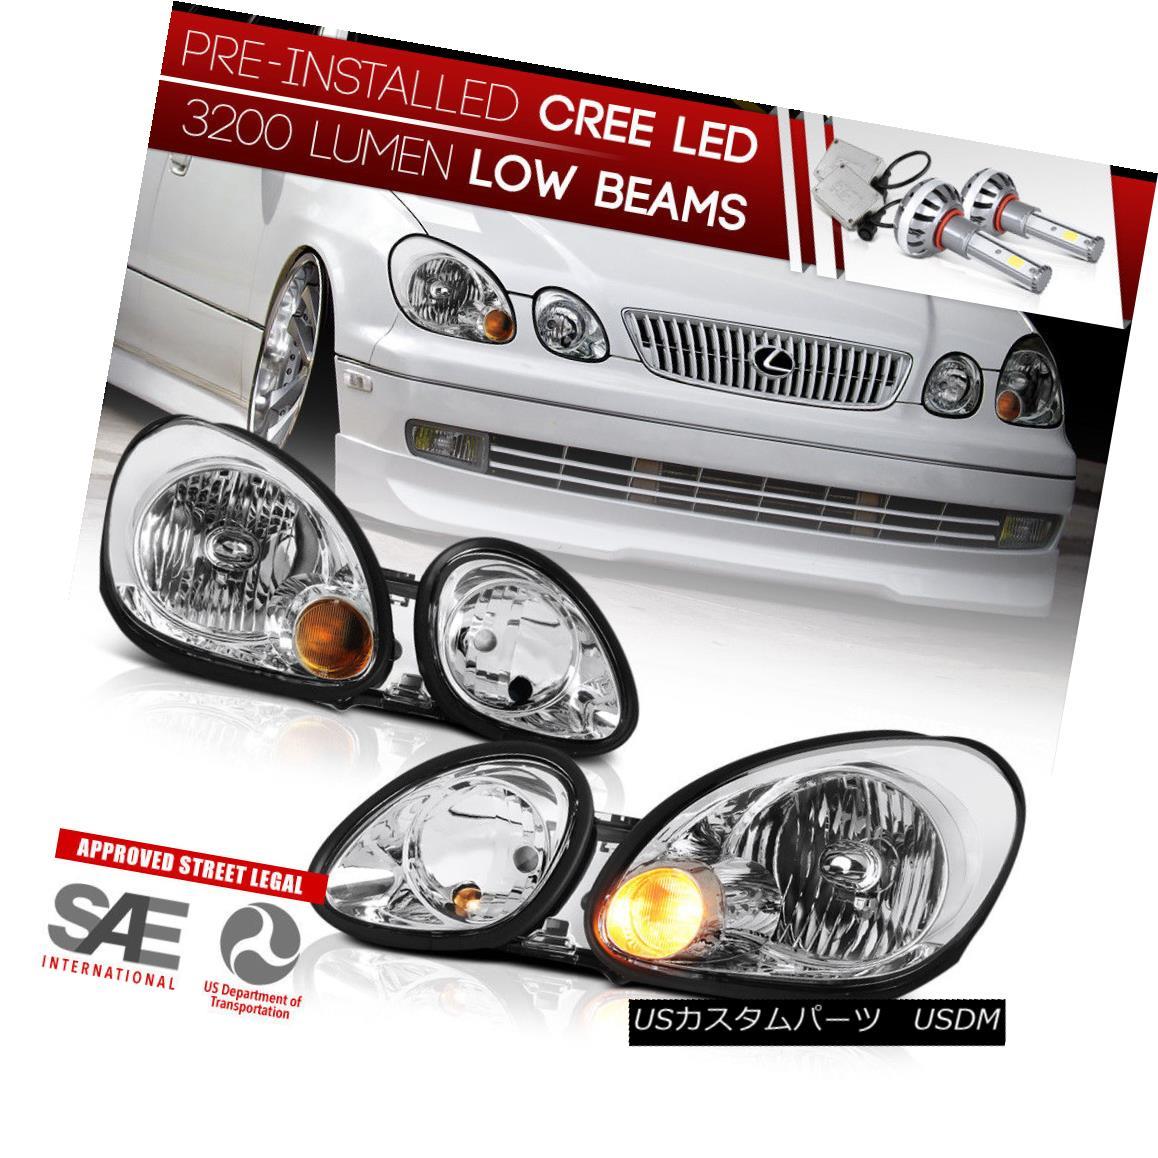 ヘッドライト Built-In LED Low Beam 1998-2005 Lexus GS300 GS400 GS430 FACTORY STYLE Headlights 内蔵LED低ビーム1998-2005レクサスGS300 GS400 GS430ファクトリースタイルヘッドライト